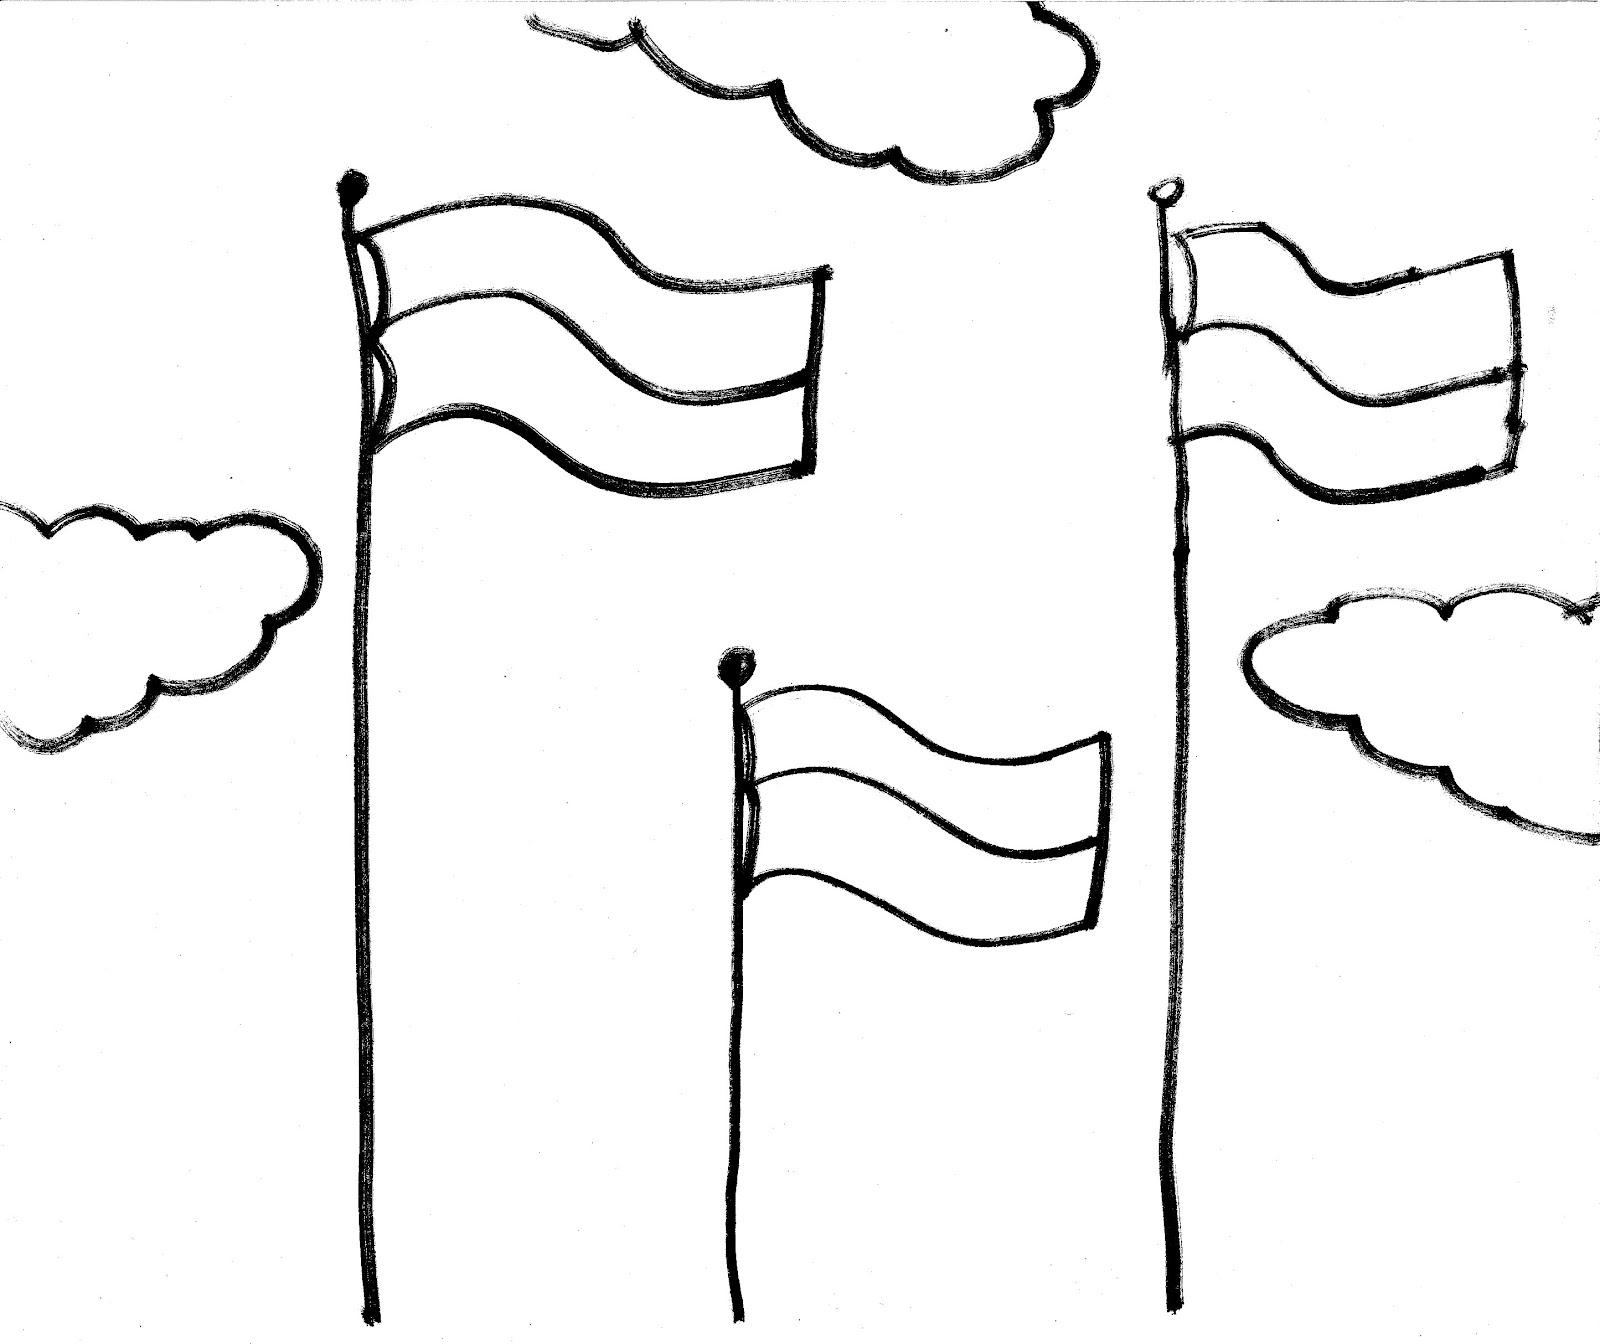 Gambar Bendera Merah Putih Untuk Diwarnai Agustusan ID